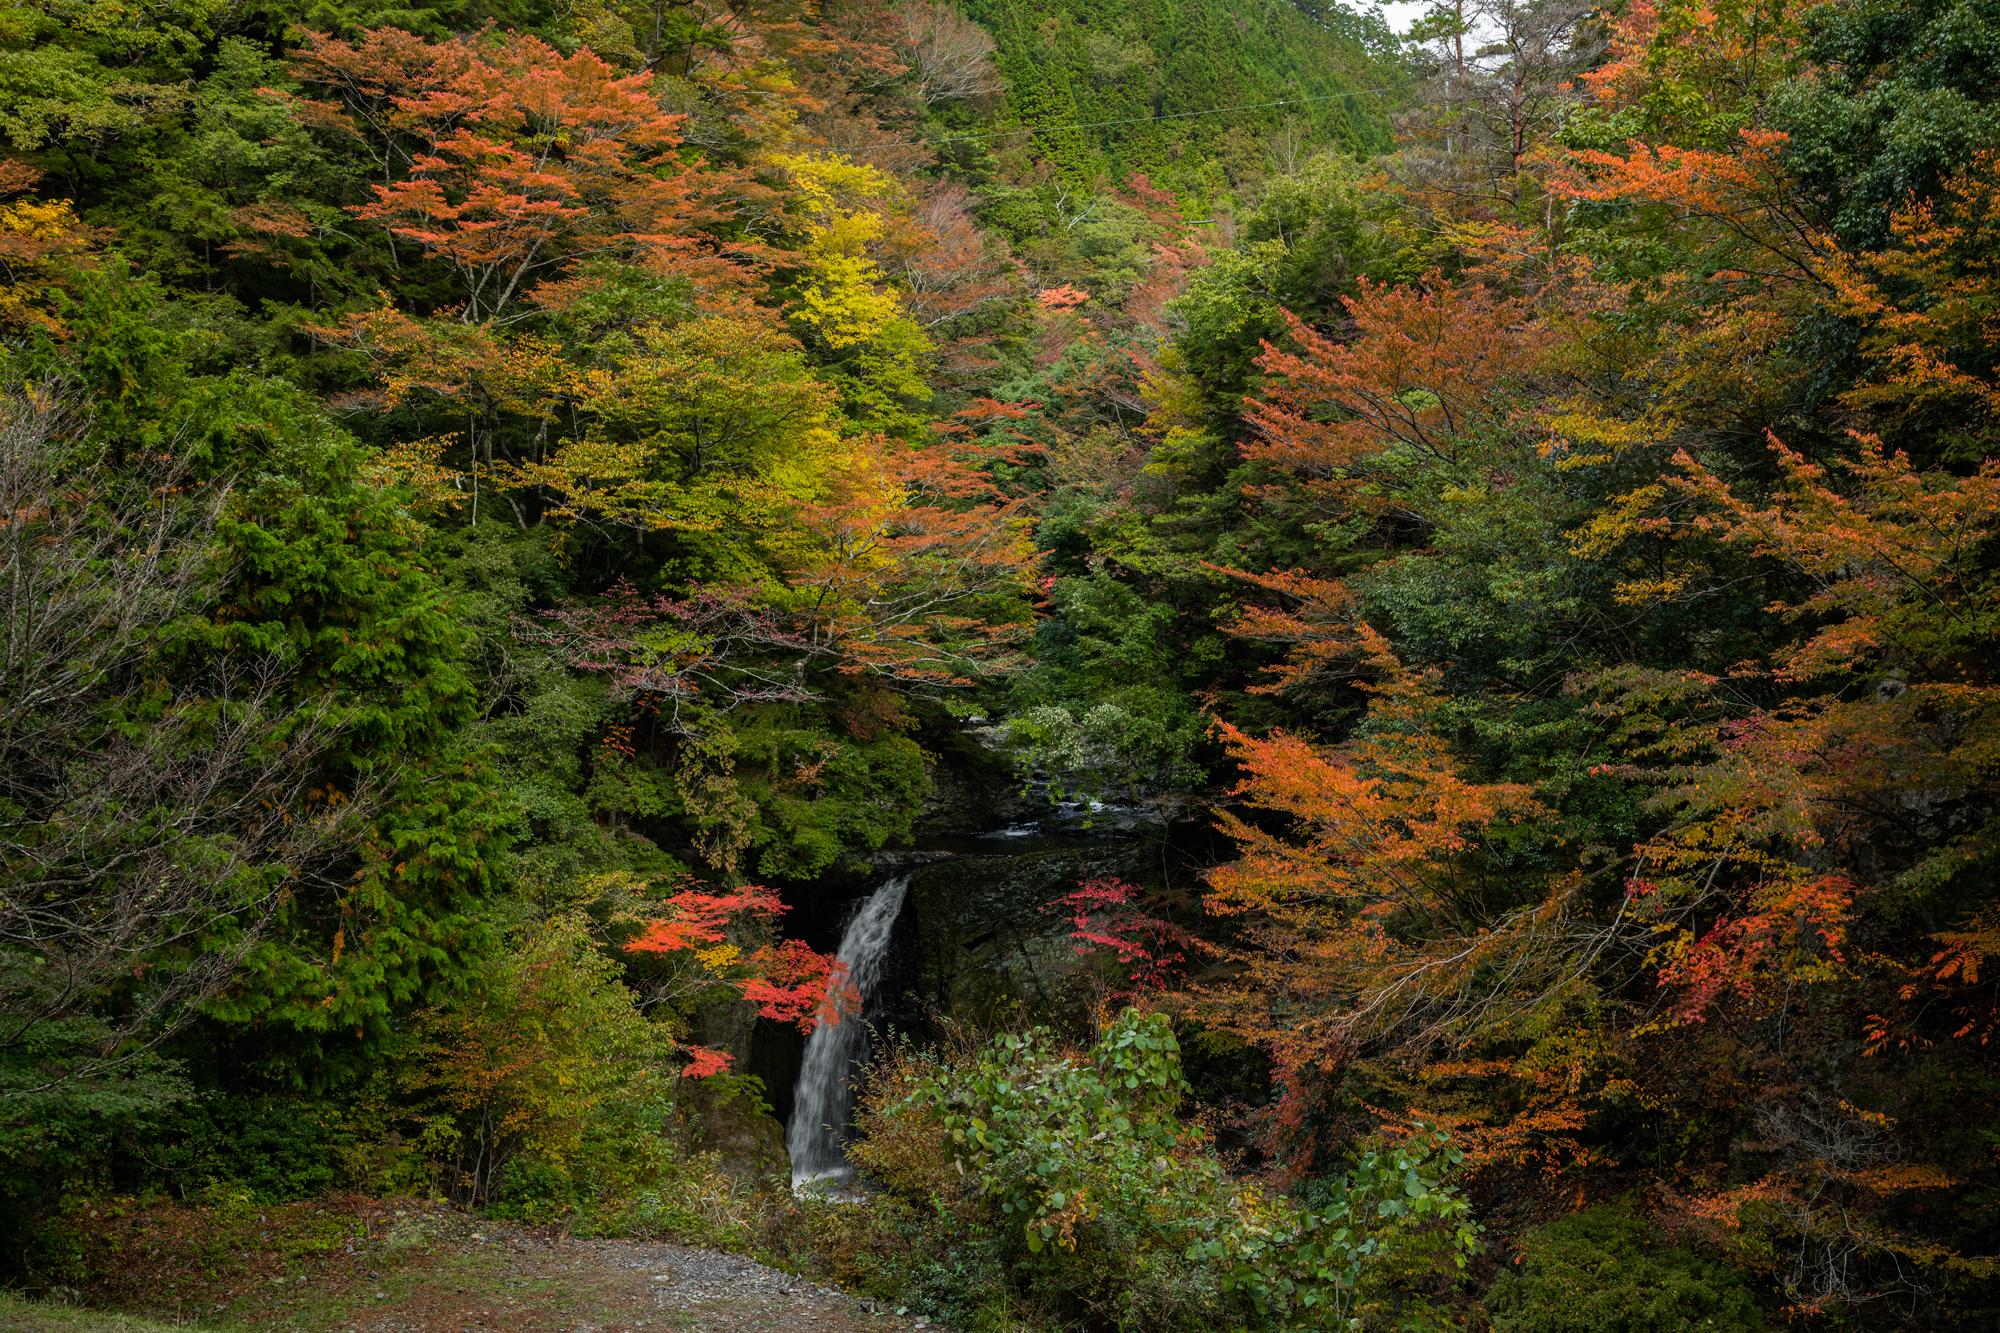 20710 秋におすすめ!紅葉の高野大滝と龍神スカイラインへバイクツーリング旅!